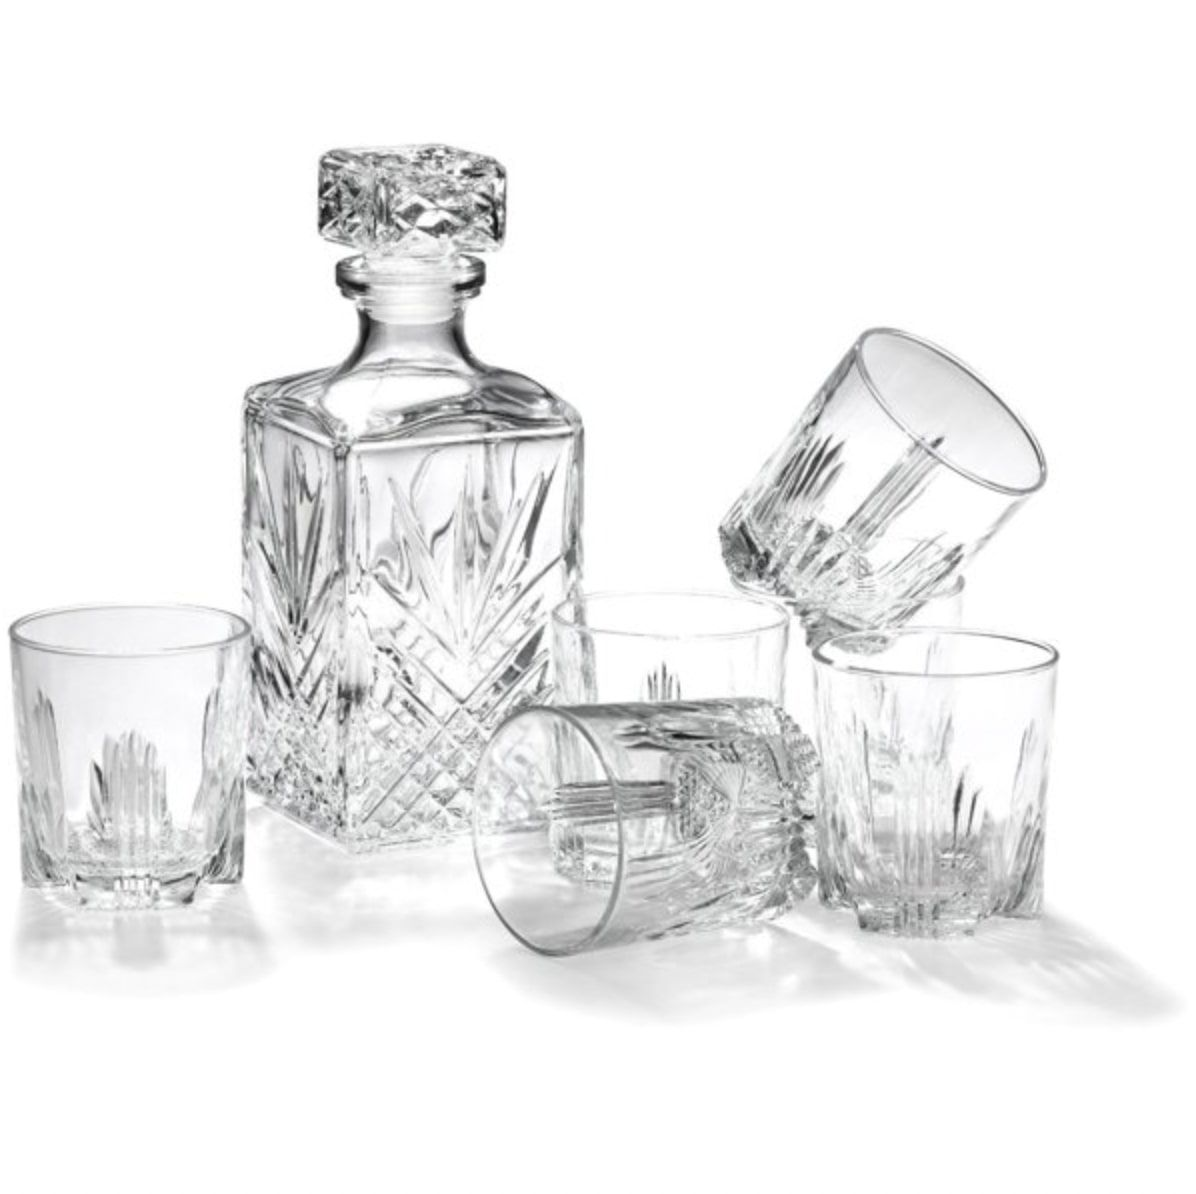 Bormioli Rocco Selecta 7 Piece Whisky Decanter Set